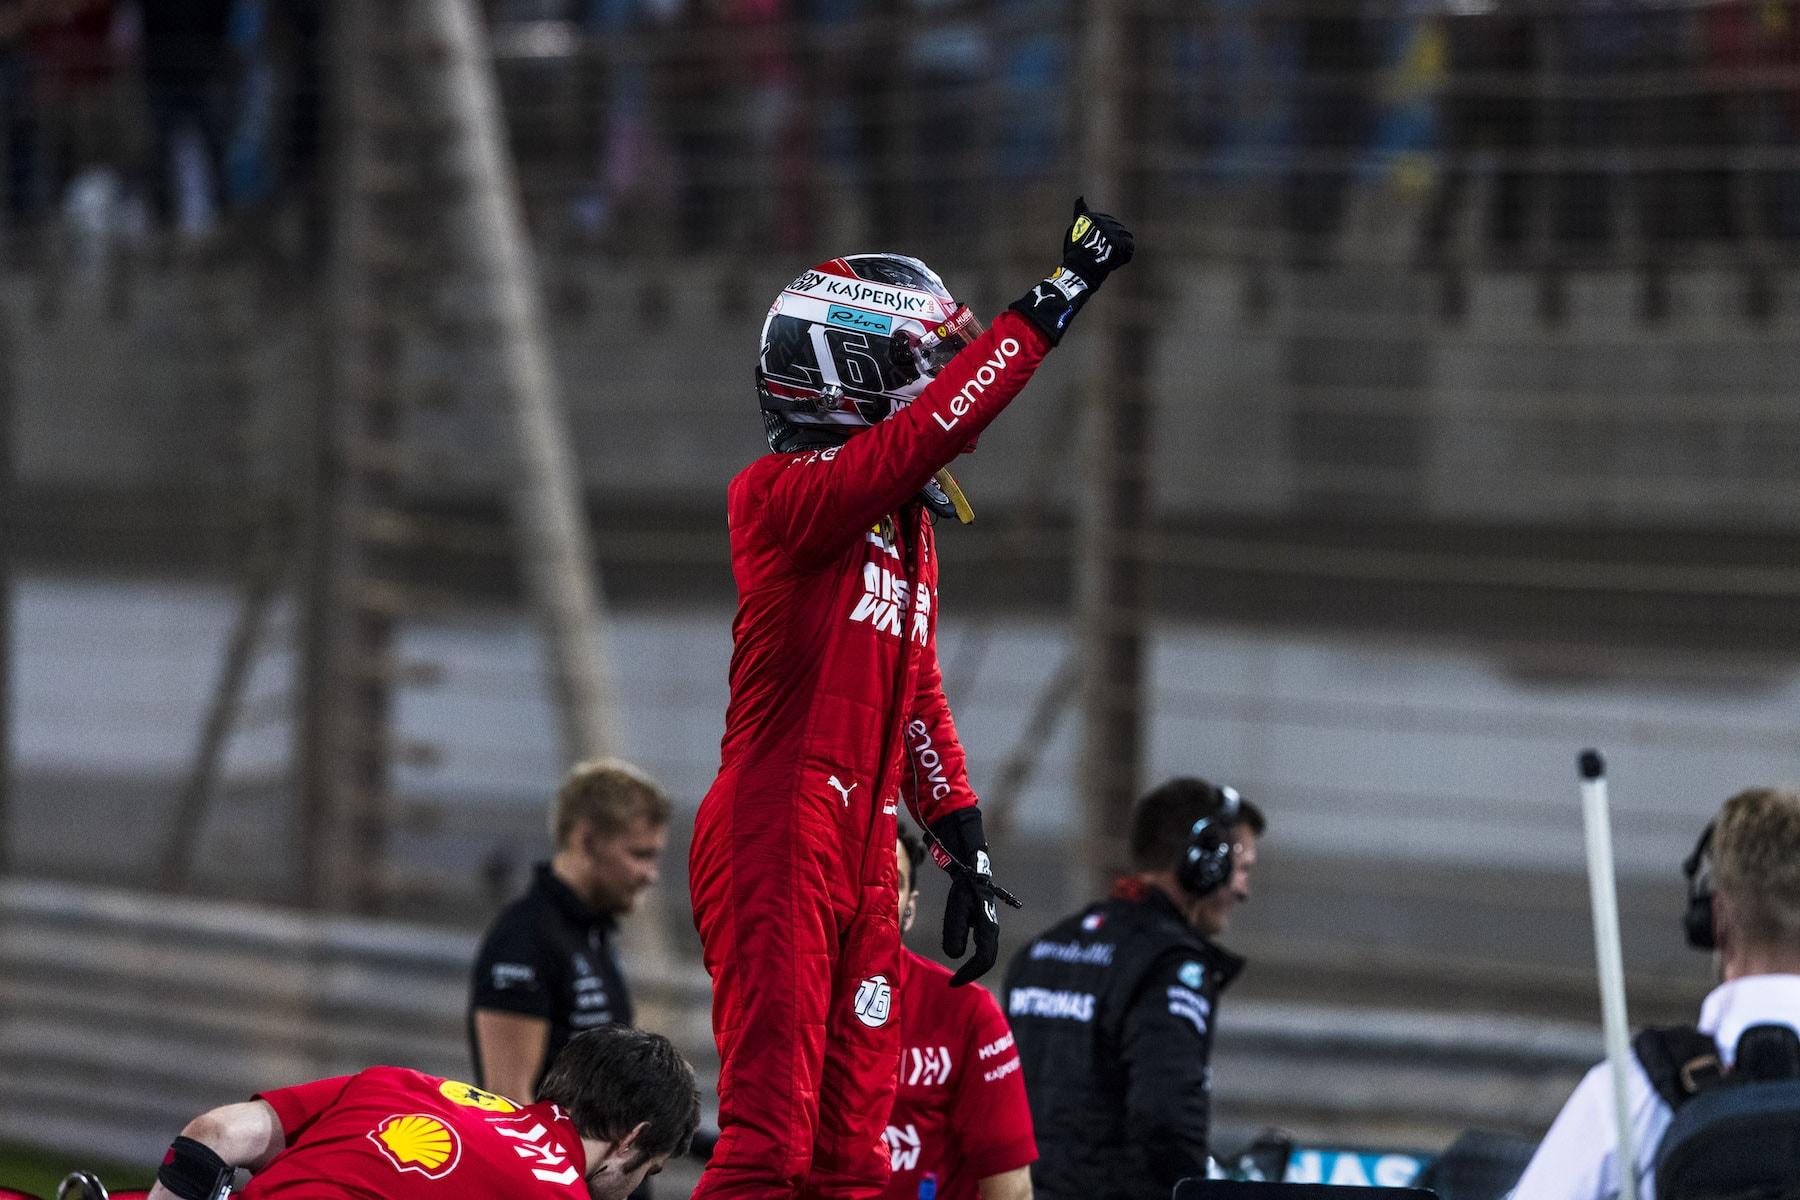 2C 4 5 2019 Charles Leclerc | Ferrari SF90 | 2019 Bahrain GP Q 3 copy.jpg